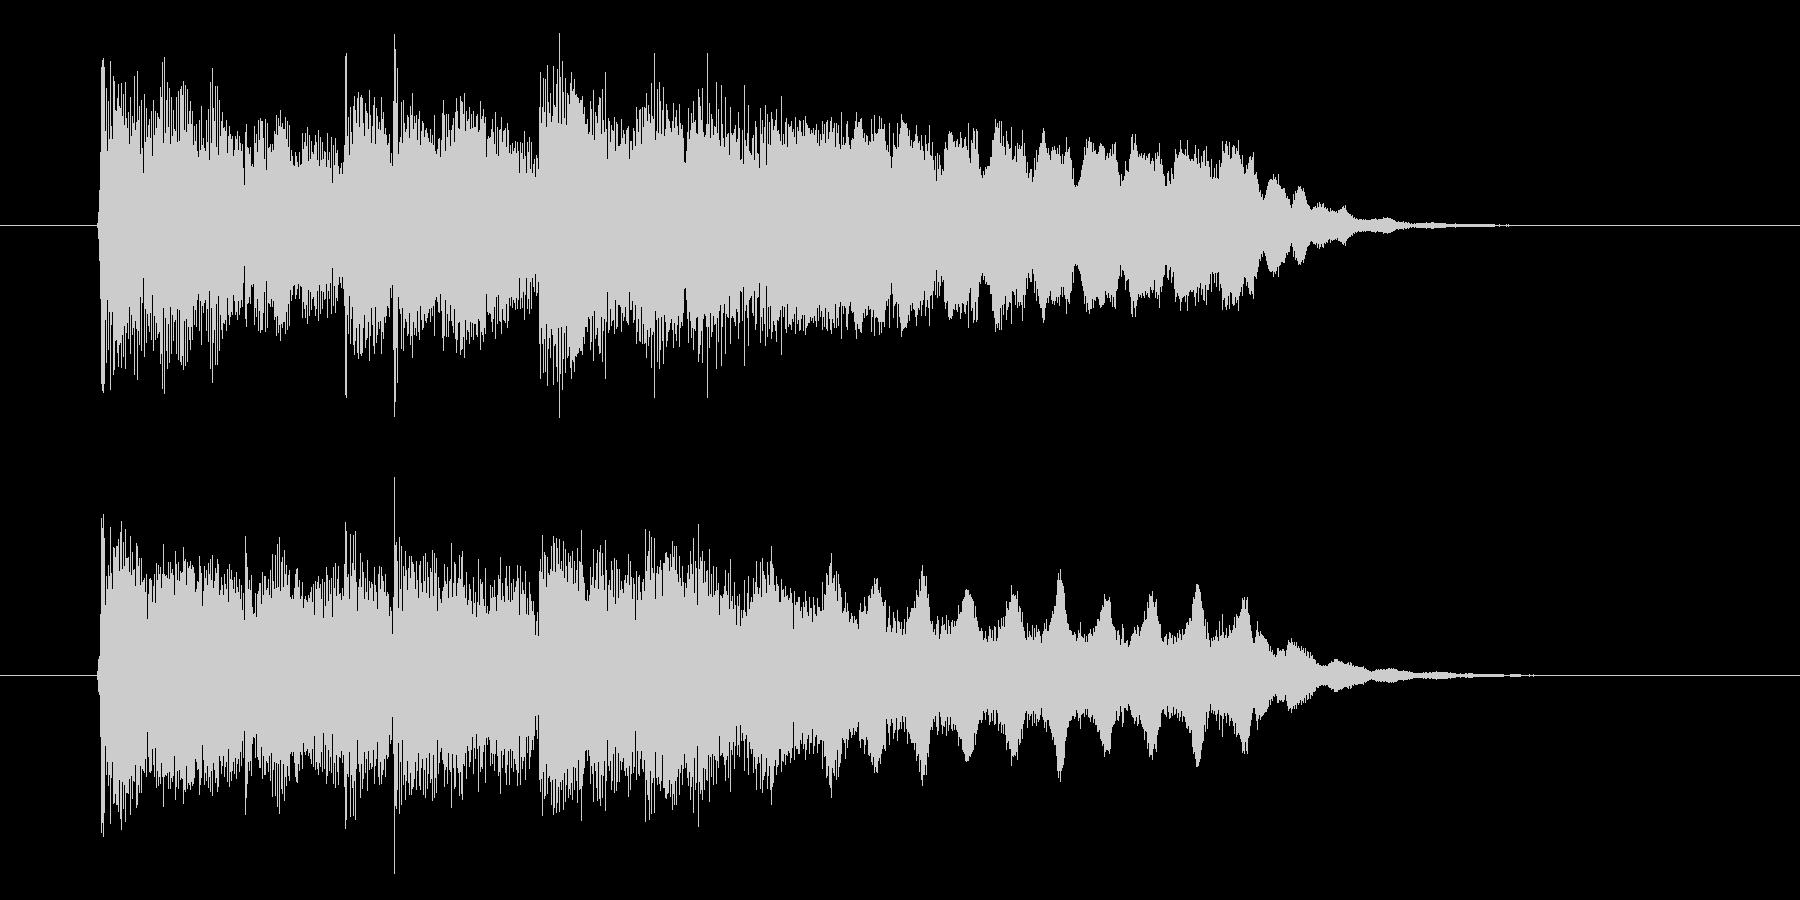 伸びやかなフルートが印象的なBGMの未再生の波形